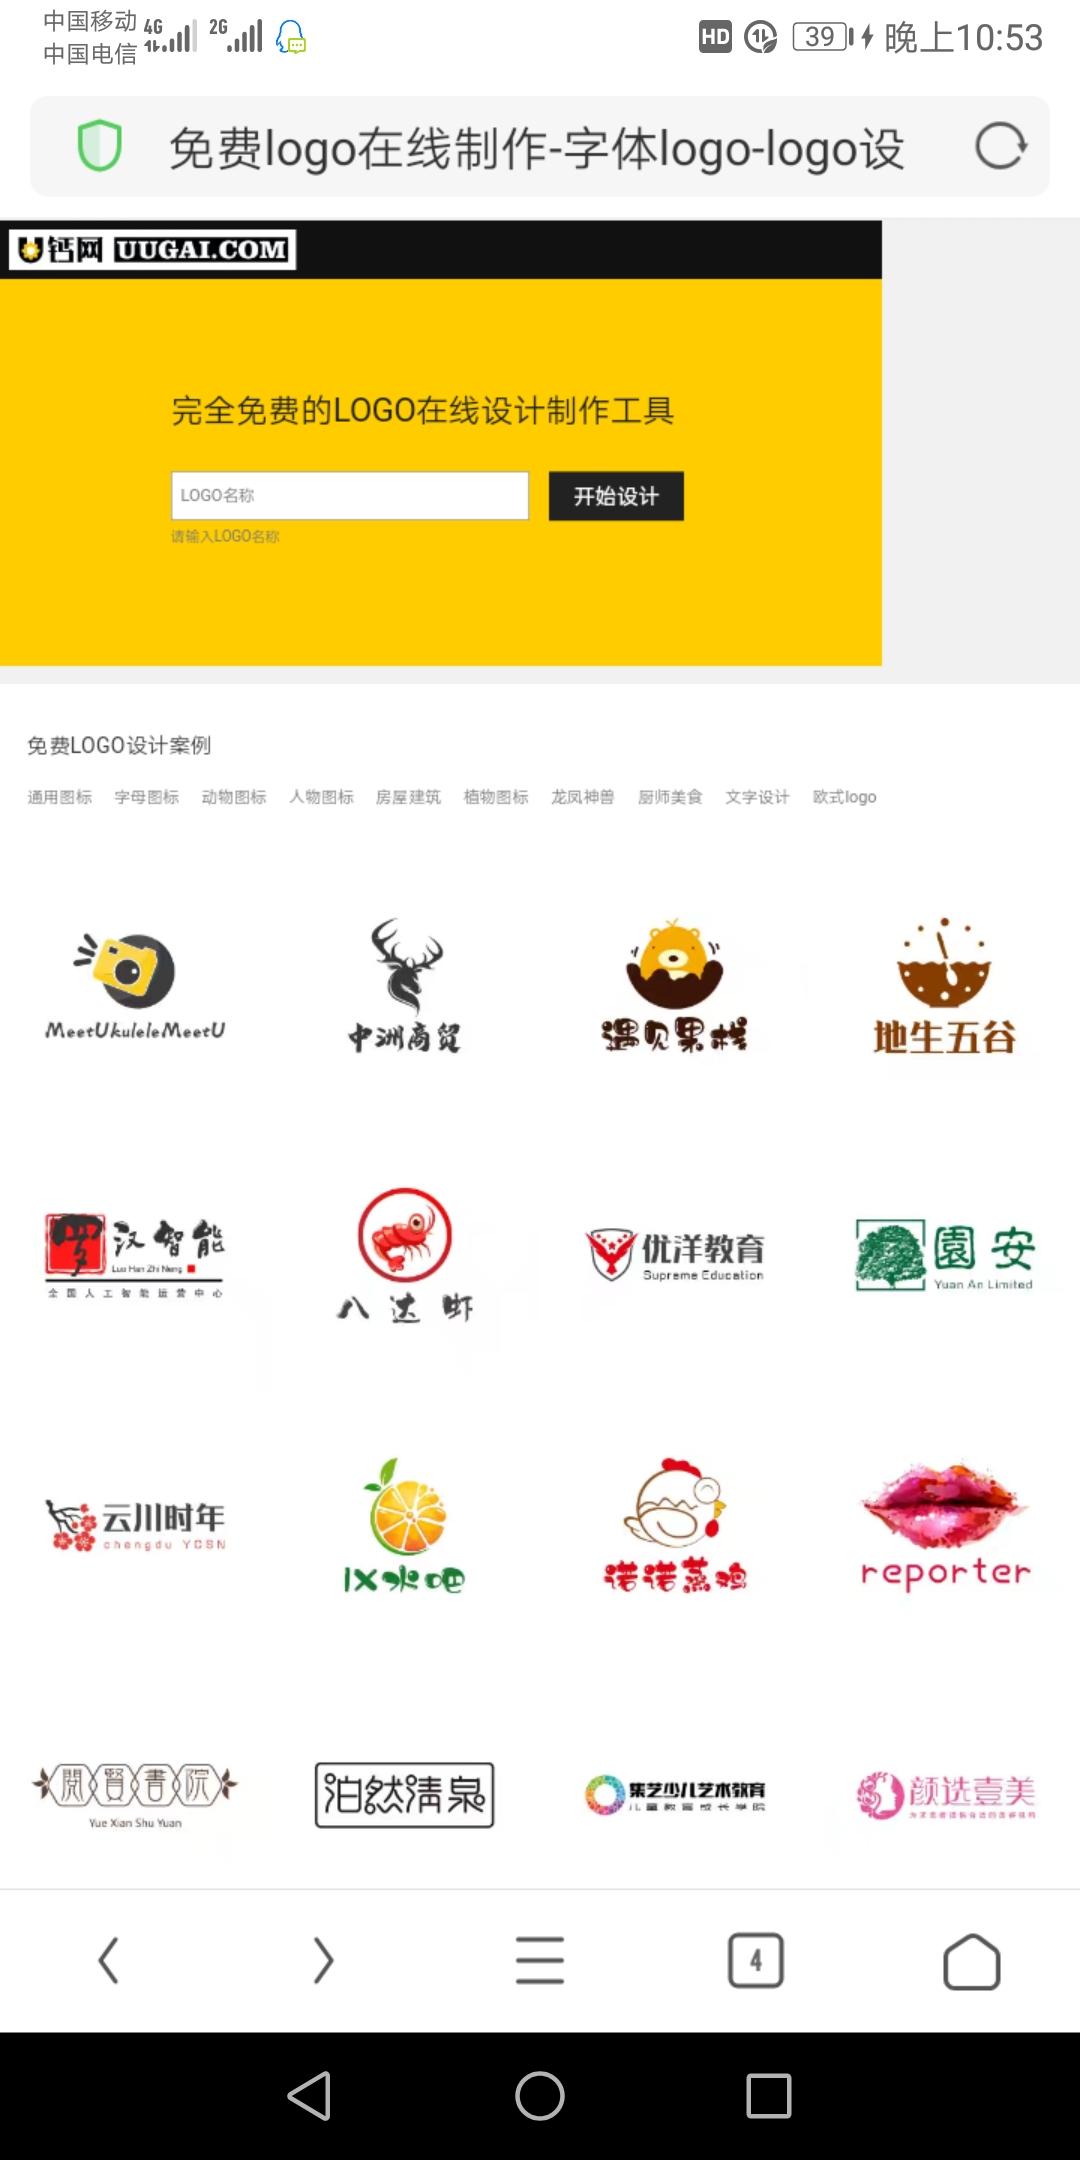 分享一个免费制作logo的网站的